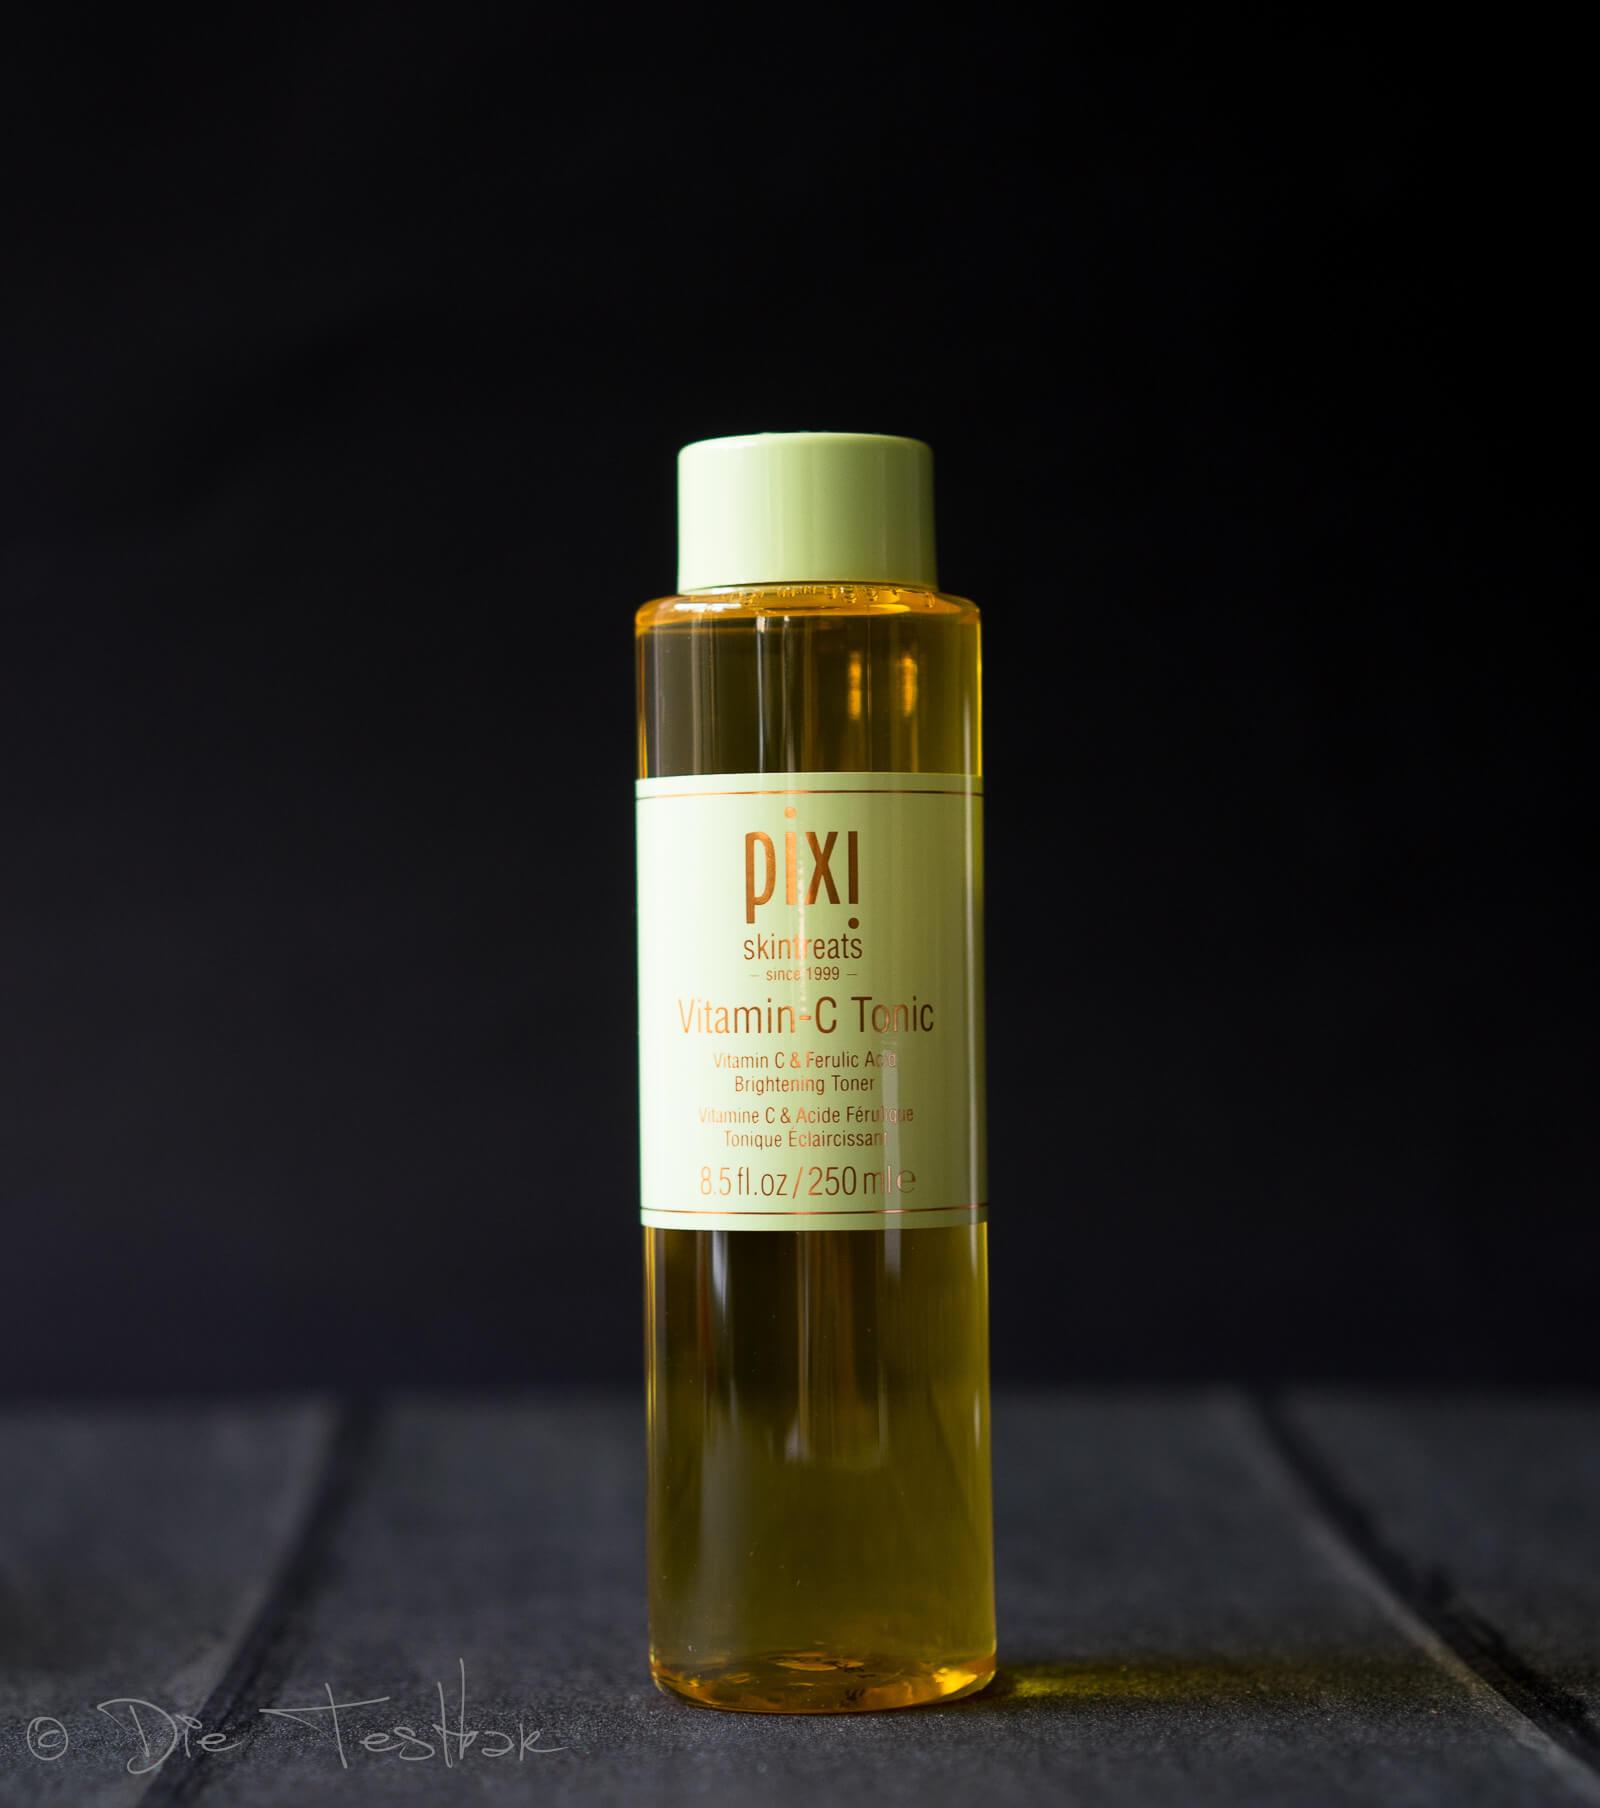 Vitamin-C Tonic Gesichtswasser von Pixi